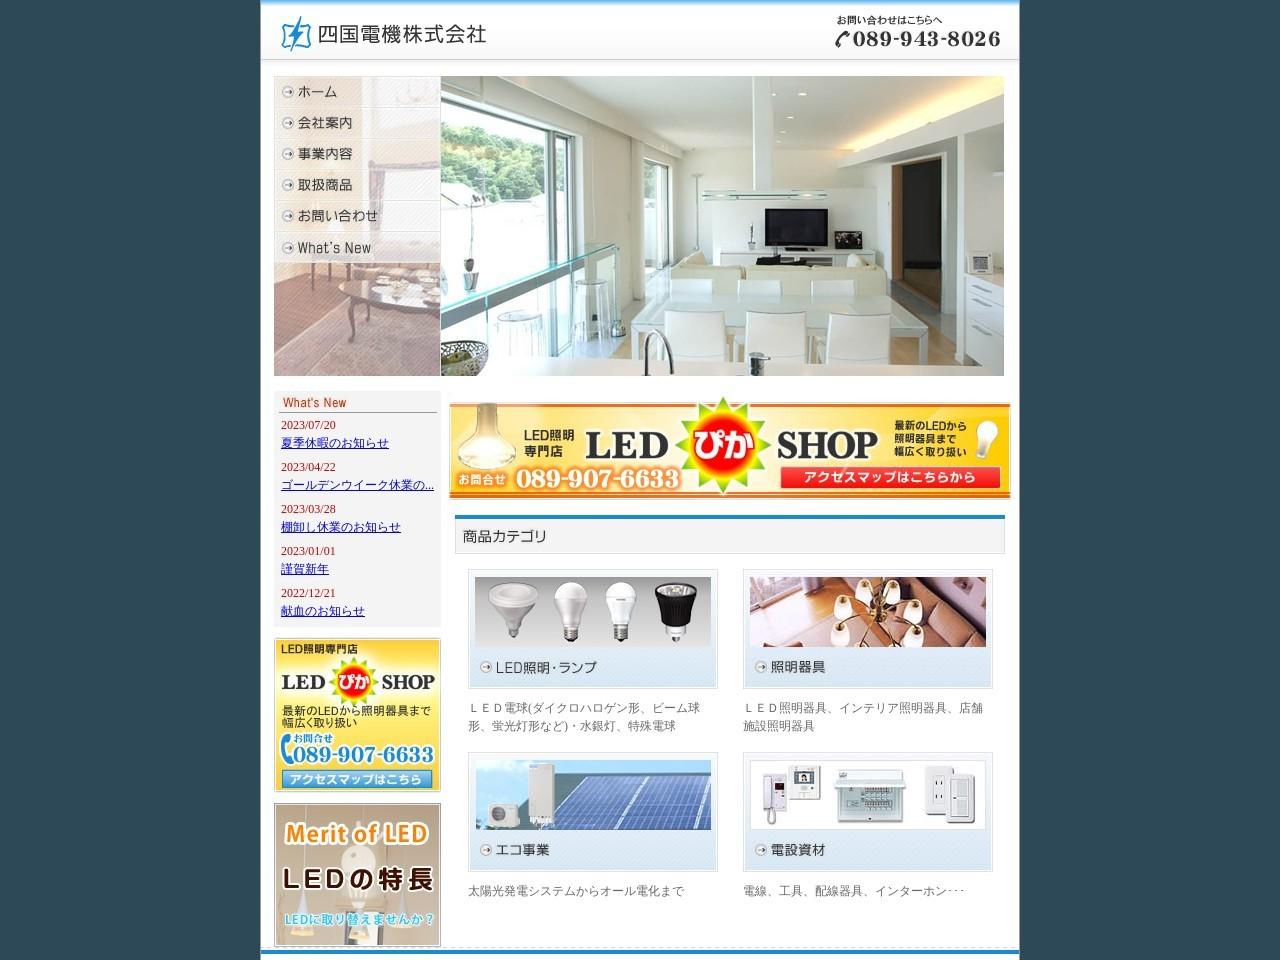 四国電機株式会社